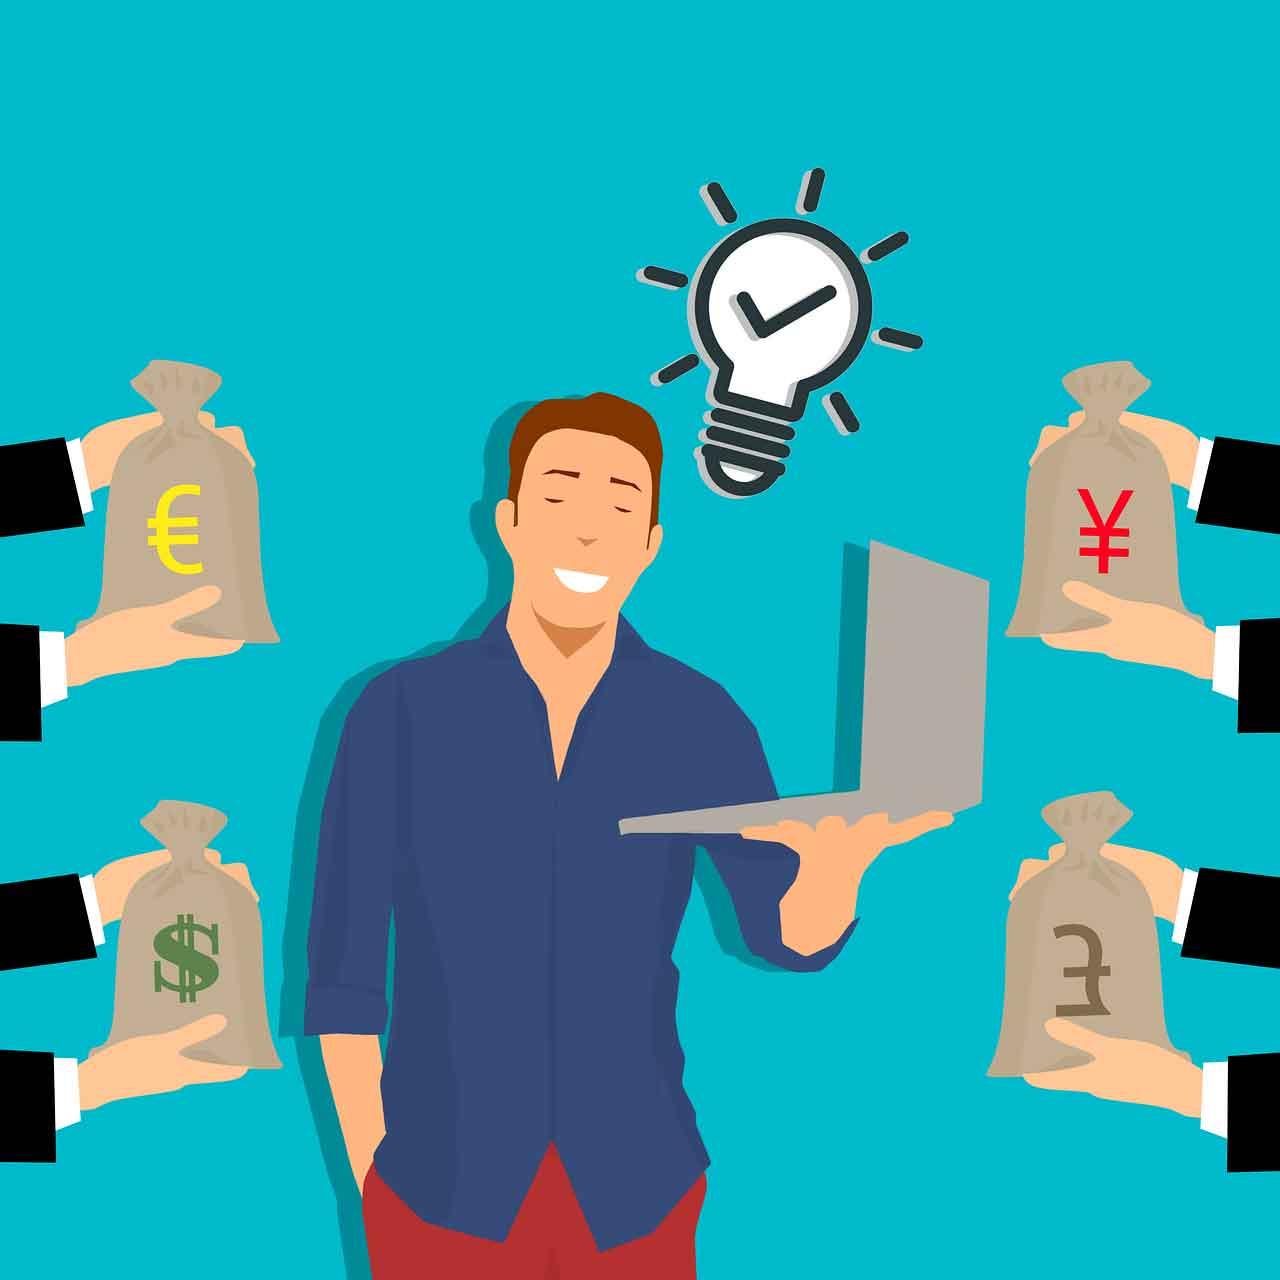 オンラインカジノで現金を稼ぐためのコツ「出金上限」